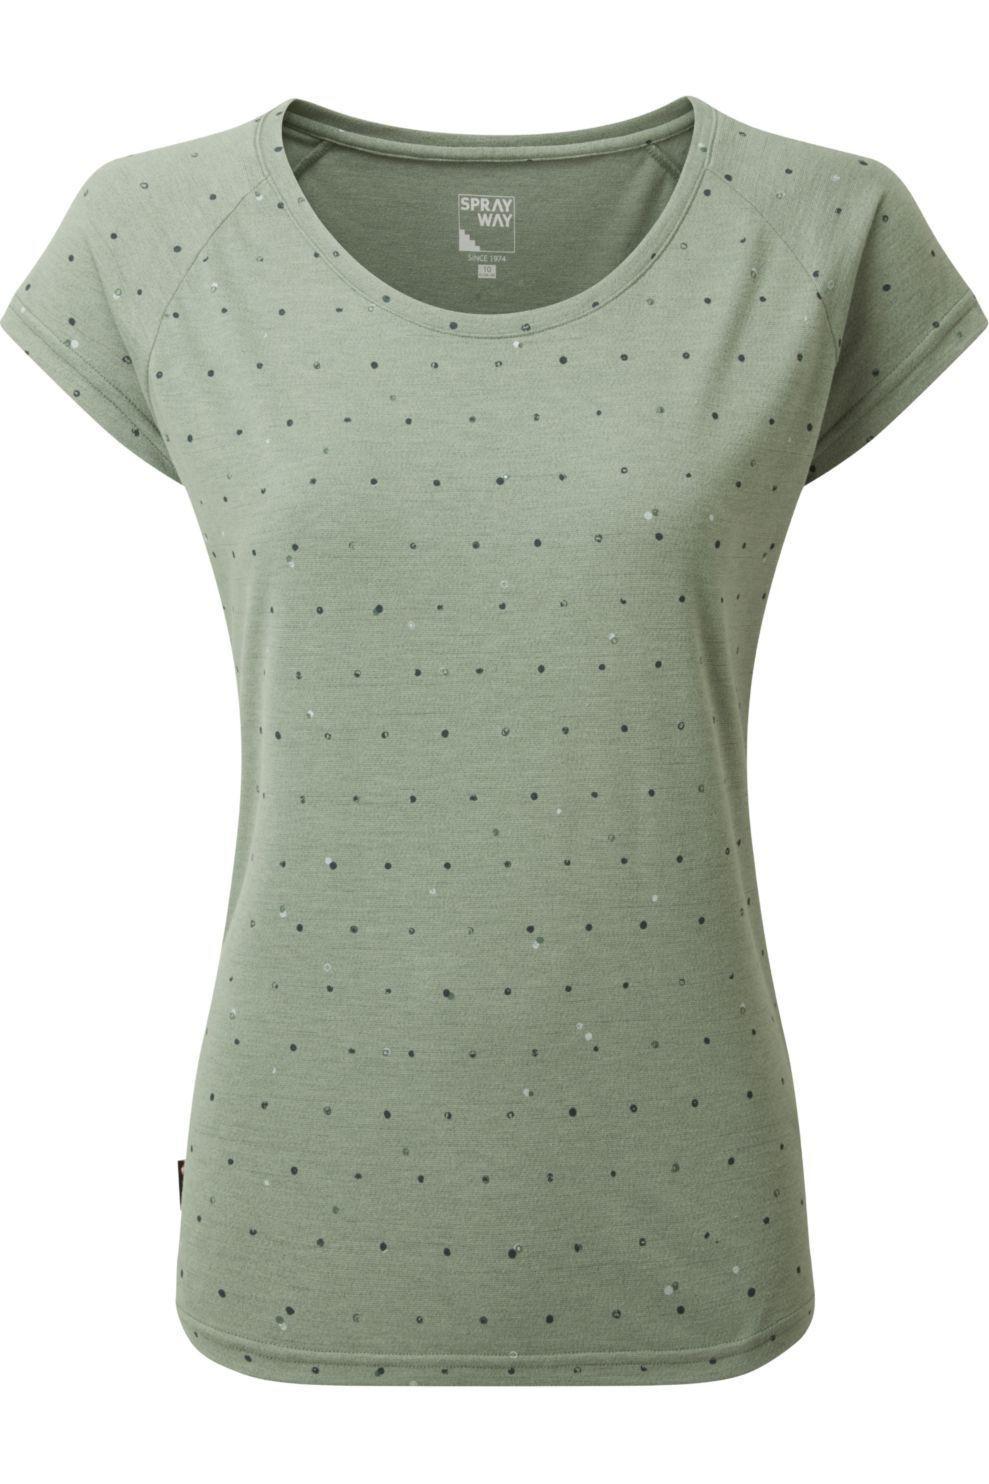 Sprayway T-Shirt Dot voor dames - Groen - Maten: S, M, L, XL